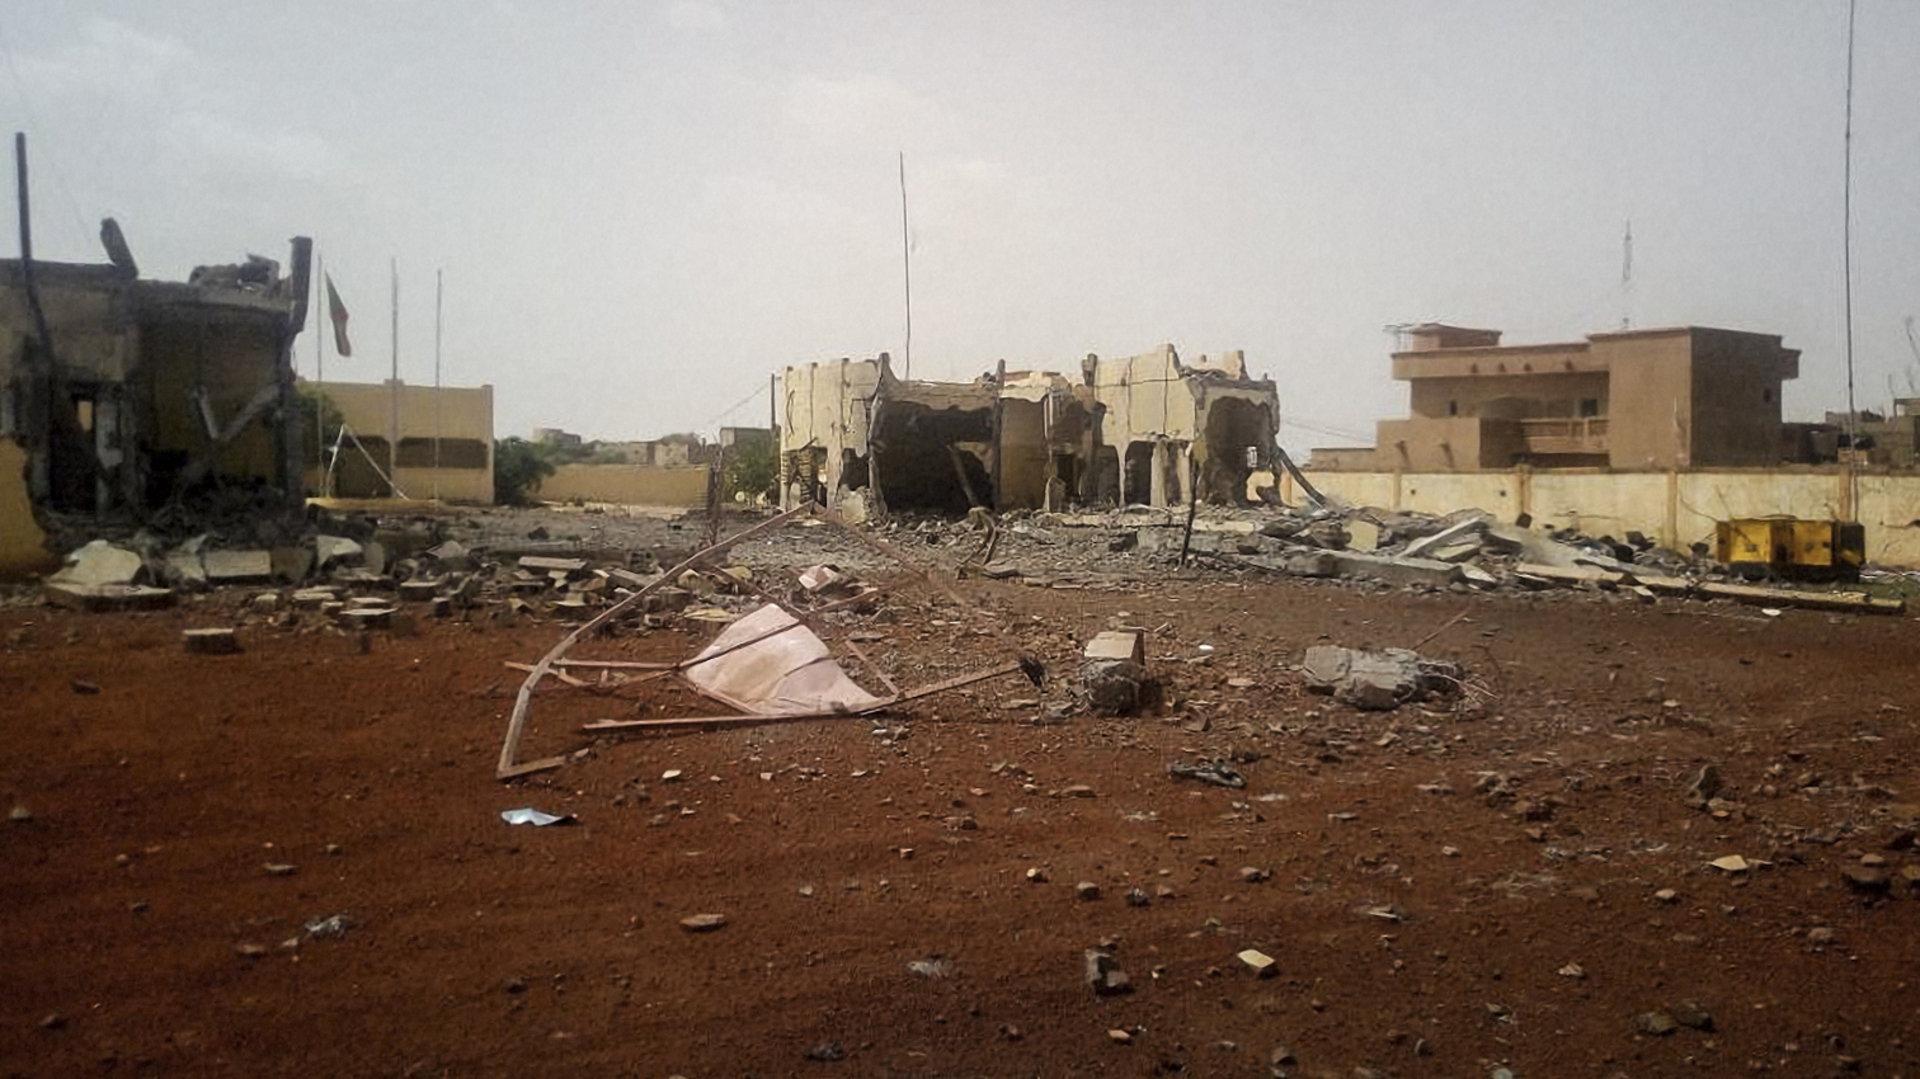 Anschlag in Mali: 14 Tote darunter 12 Zivilisten